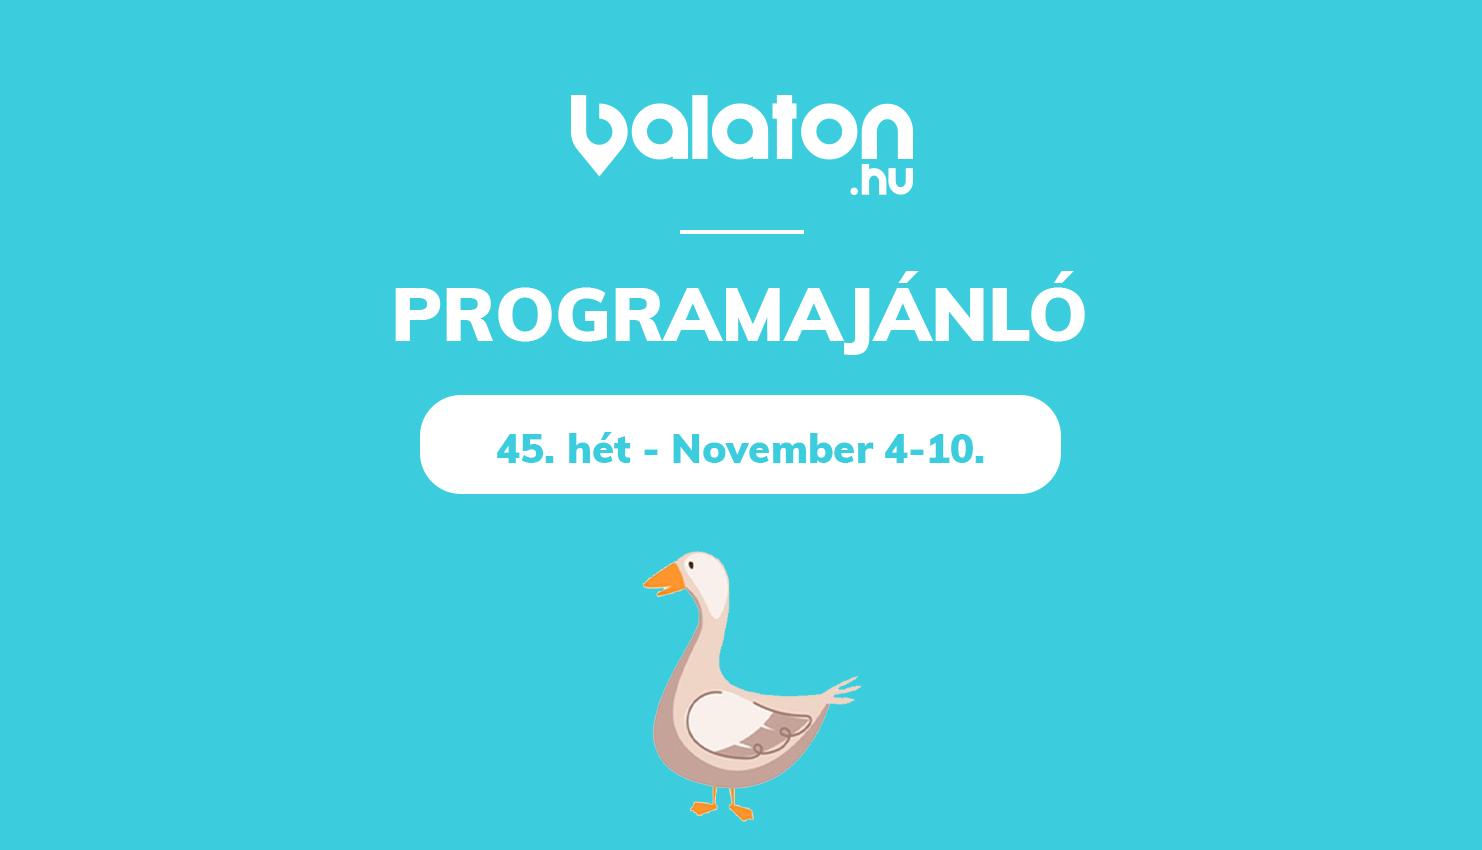 Heti programajánlónk – 45.hét / November 4 – 10.